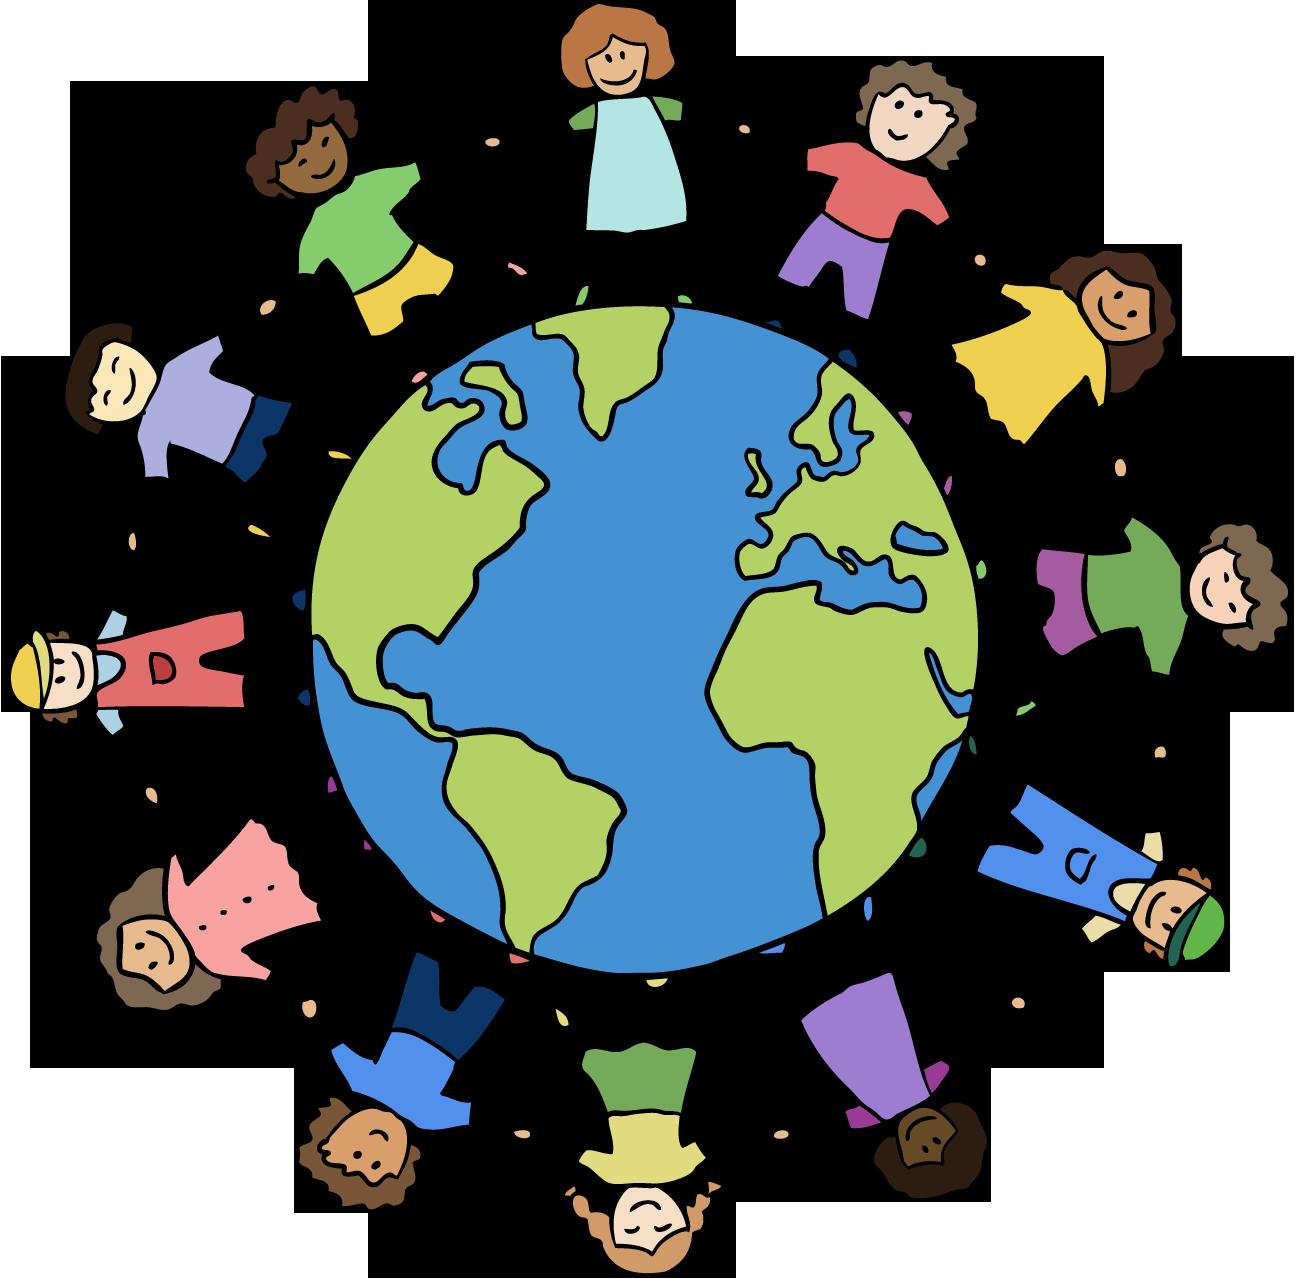 Movemente Biodanza: Voorproefjes van de schooltheorie (18 toepassingen & uitbreidingen)